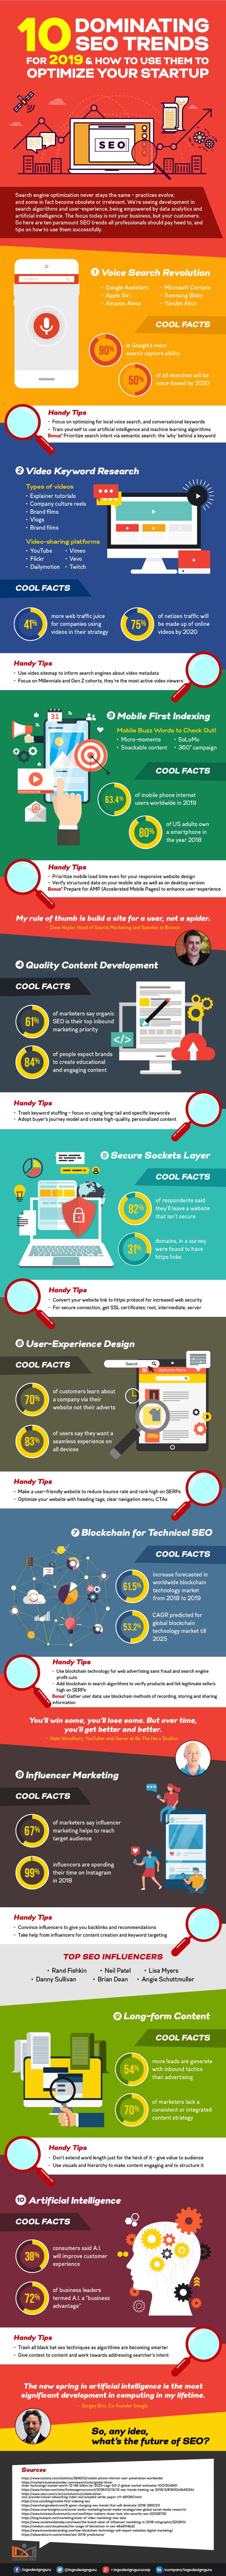 Infographic SEO 2019